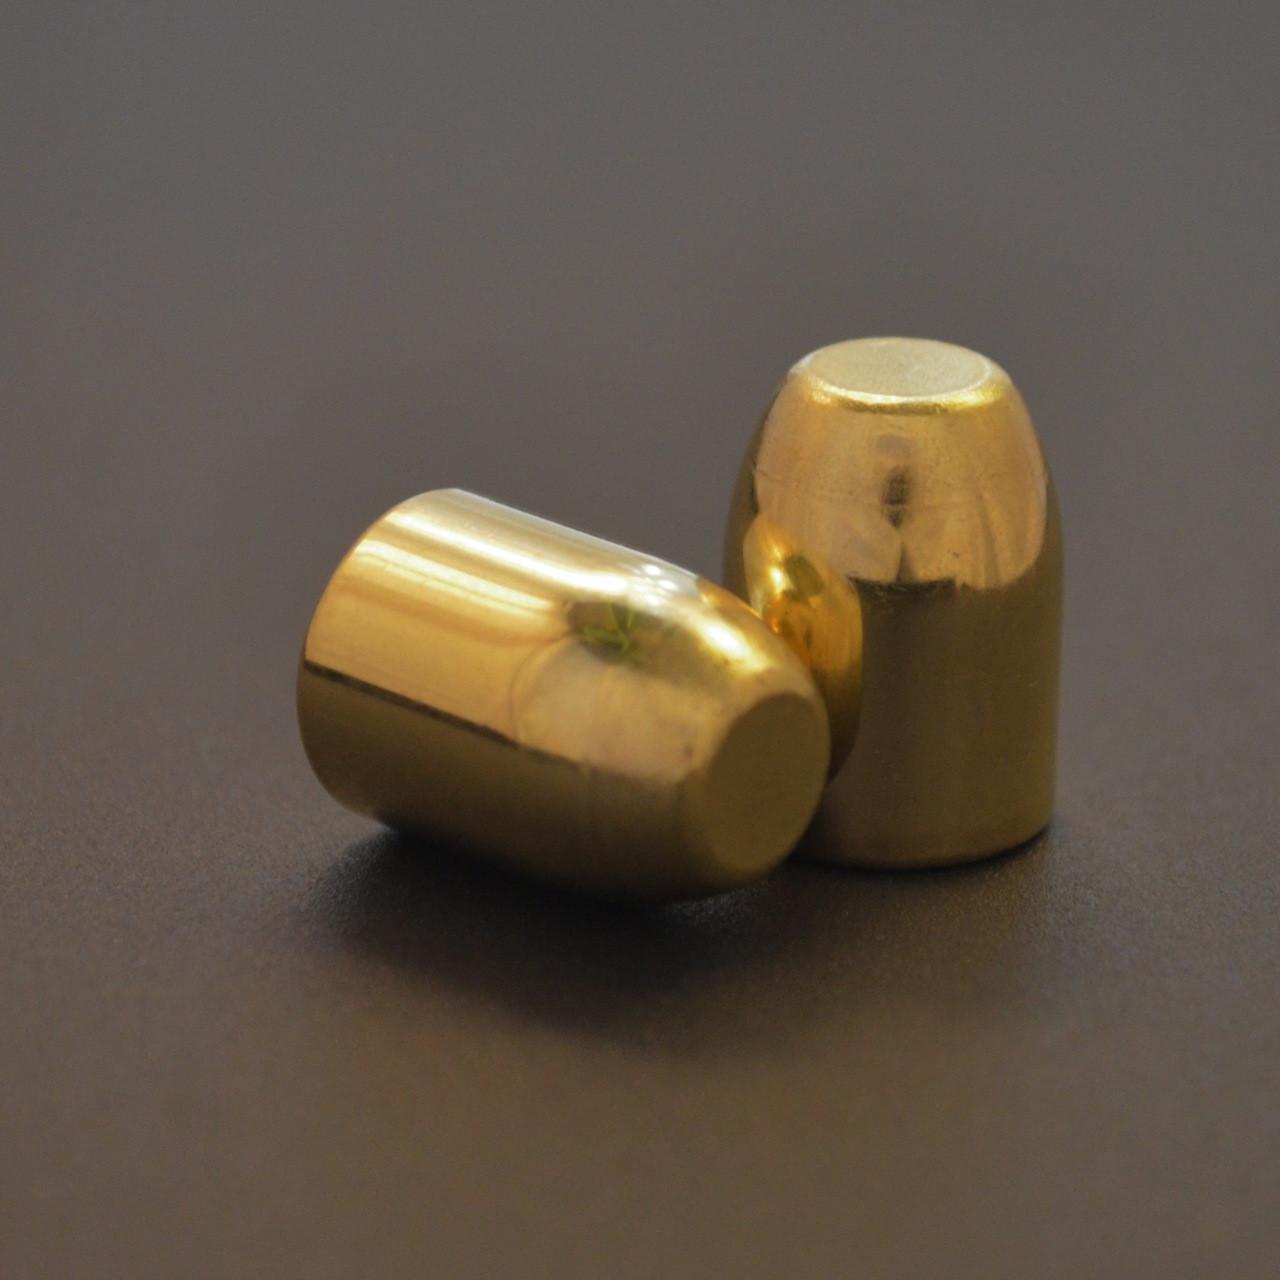 10mm/.40 165gr FMJ - 2,700ct CASE